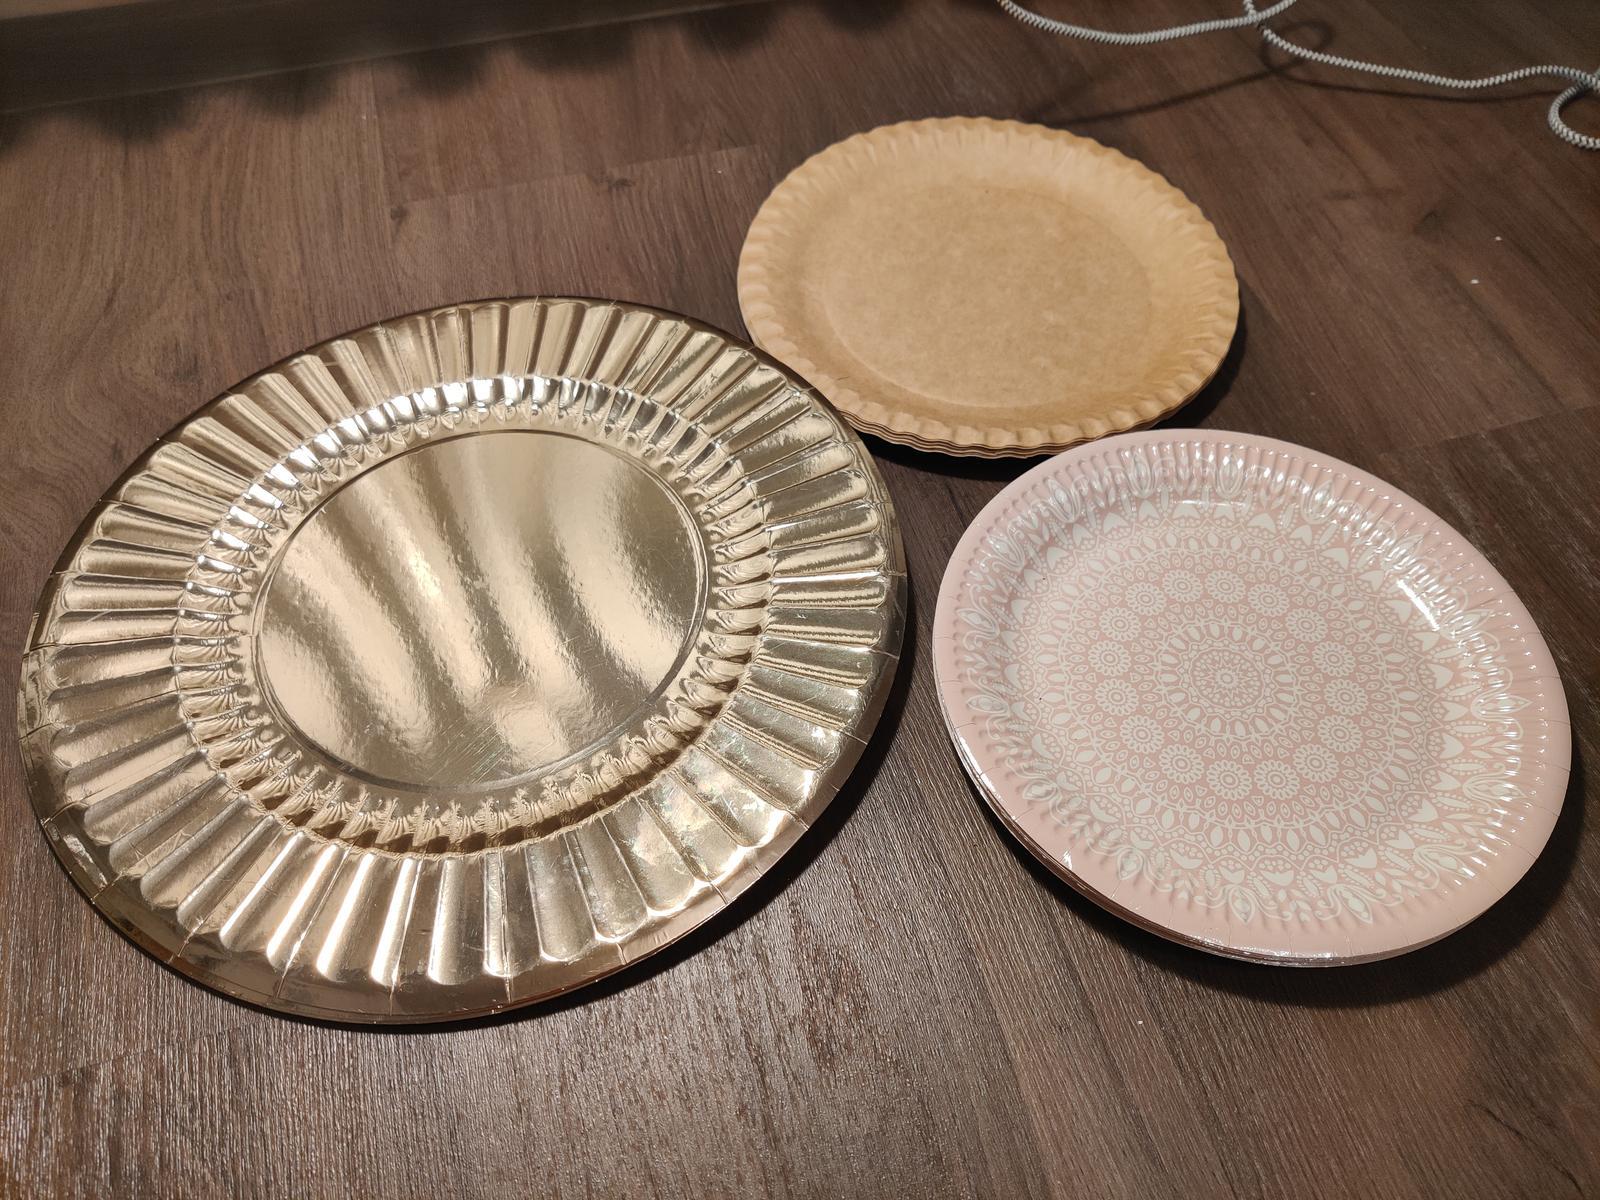 Papírové talíře - zbytky - Obrázek č. 1